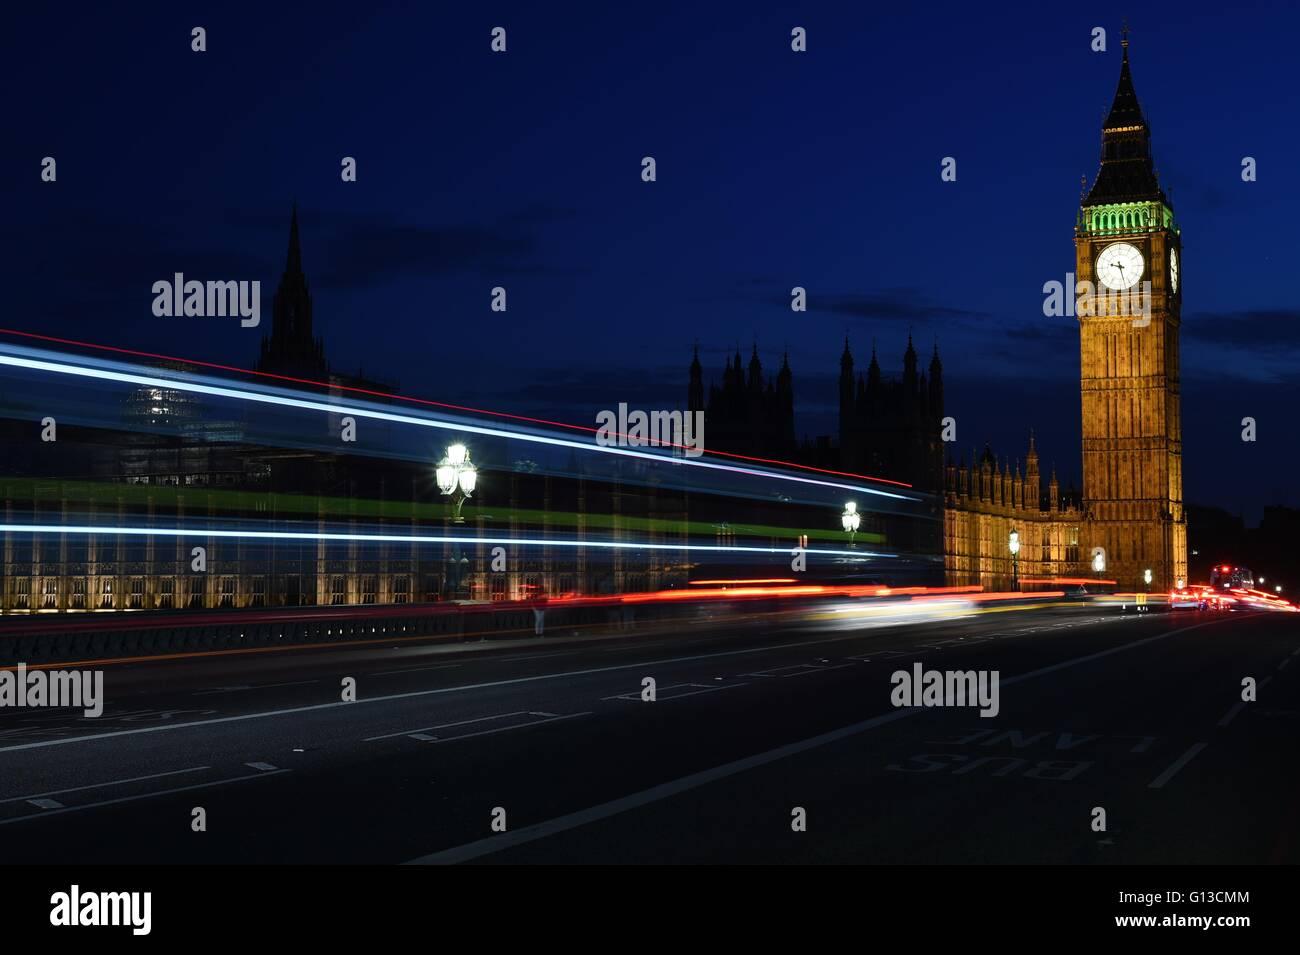 Photo de nuit de Big Ben avec light trails Photo Stock